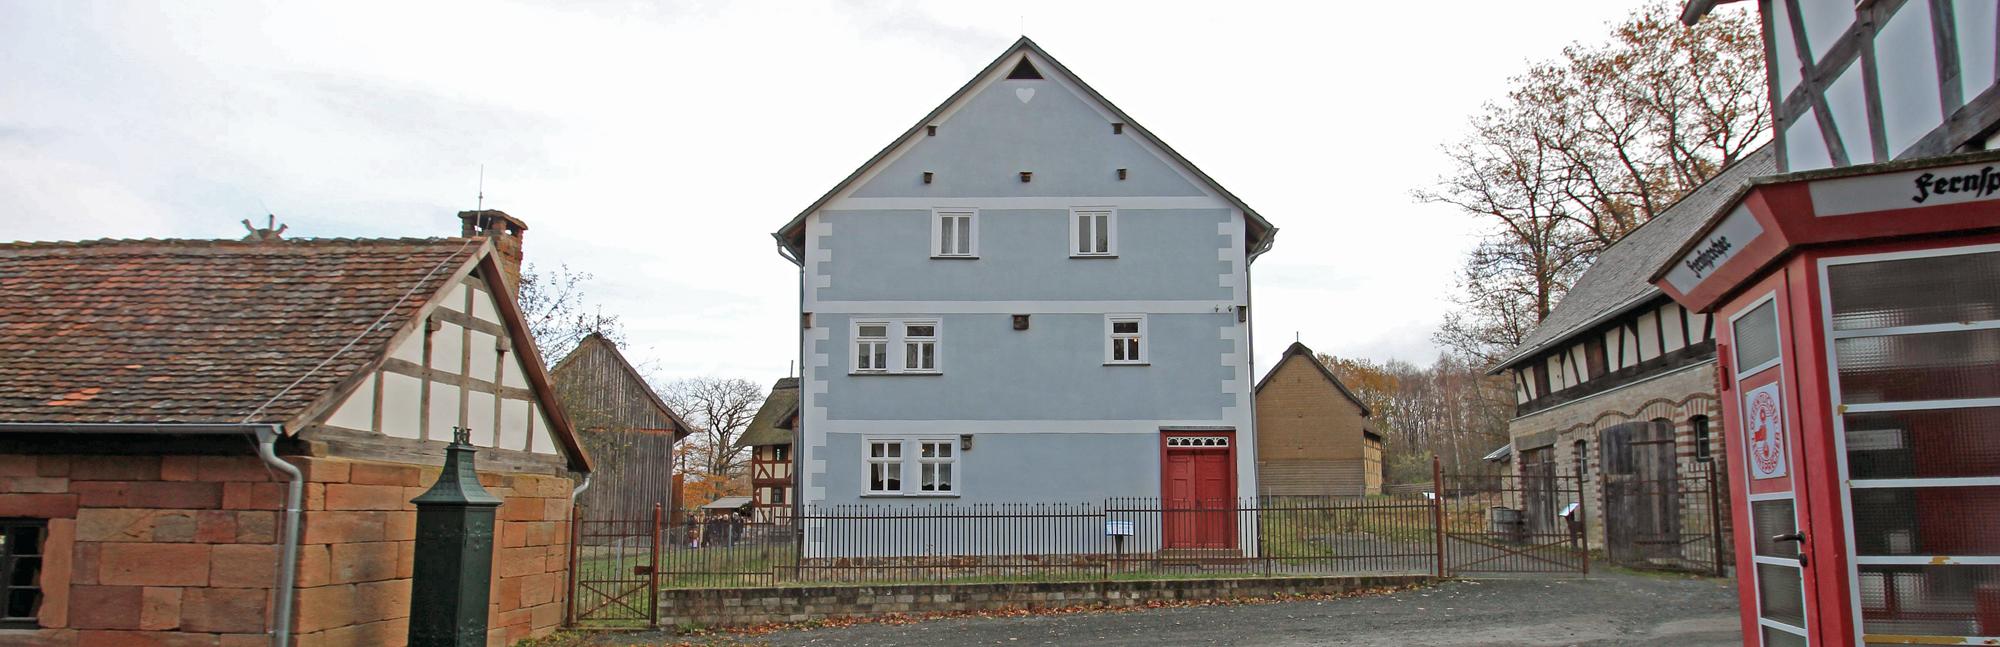 Haus aus Breitenbach